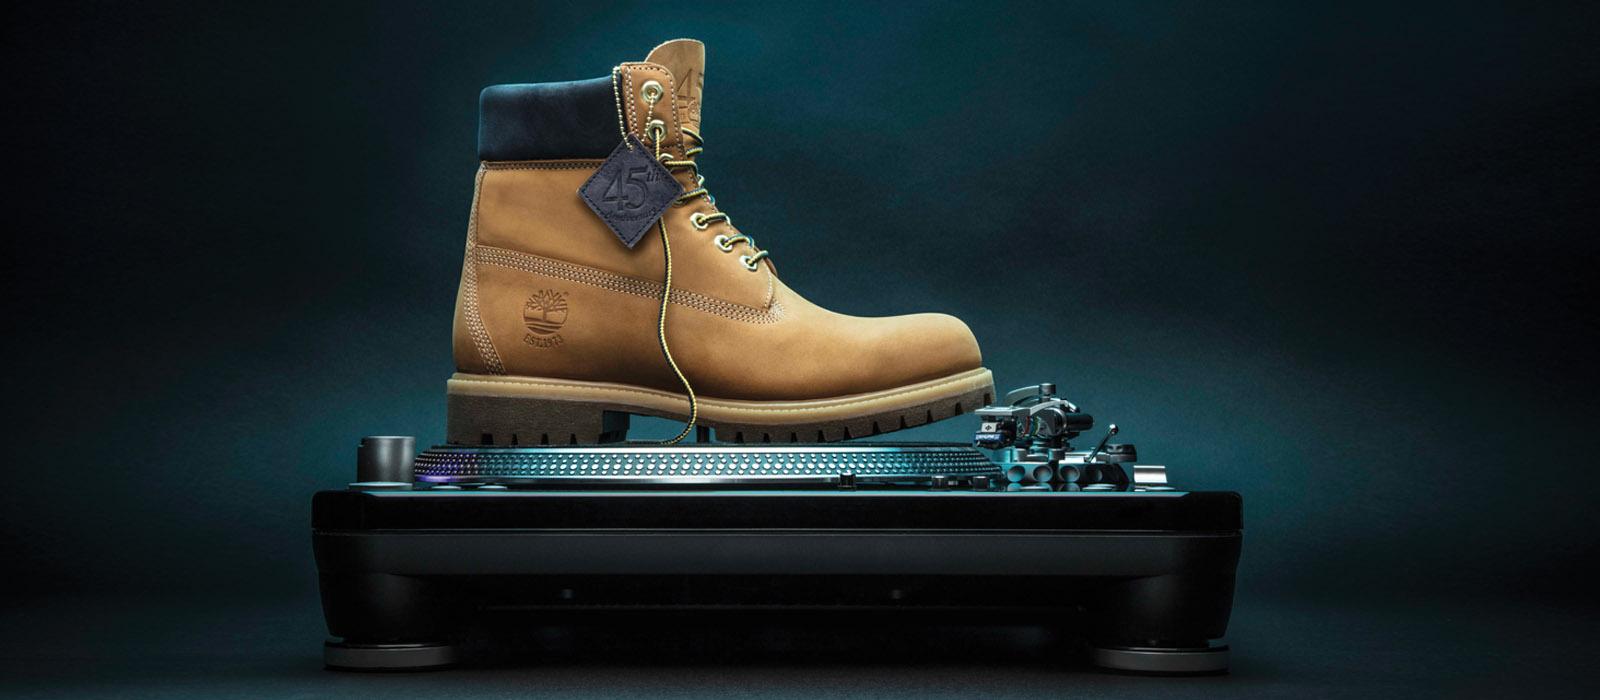 Timberland giới thiệu bộ sưu tập mới nhân kỷ niệm 45 năm thành lập 9